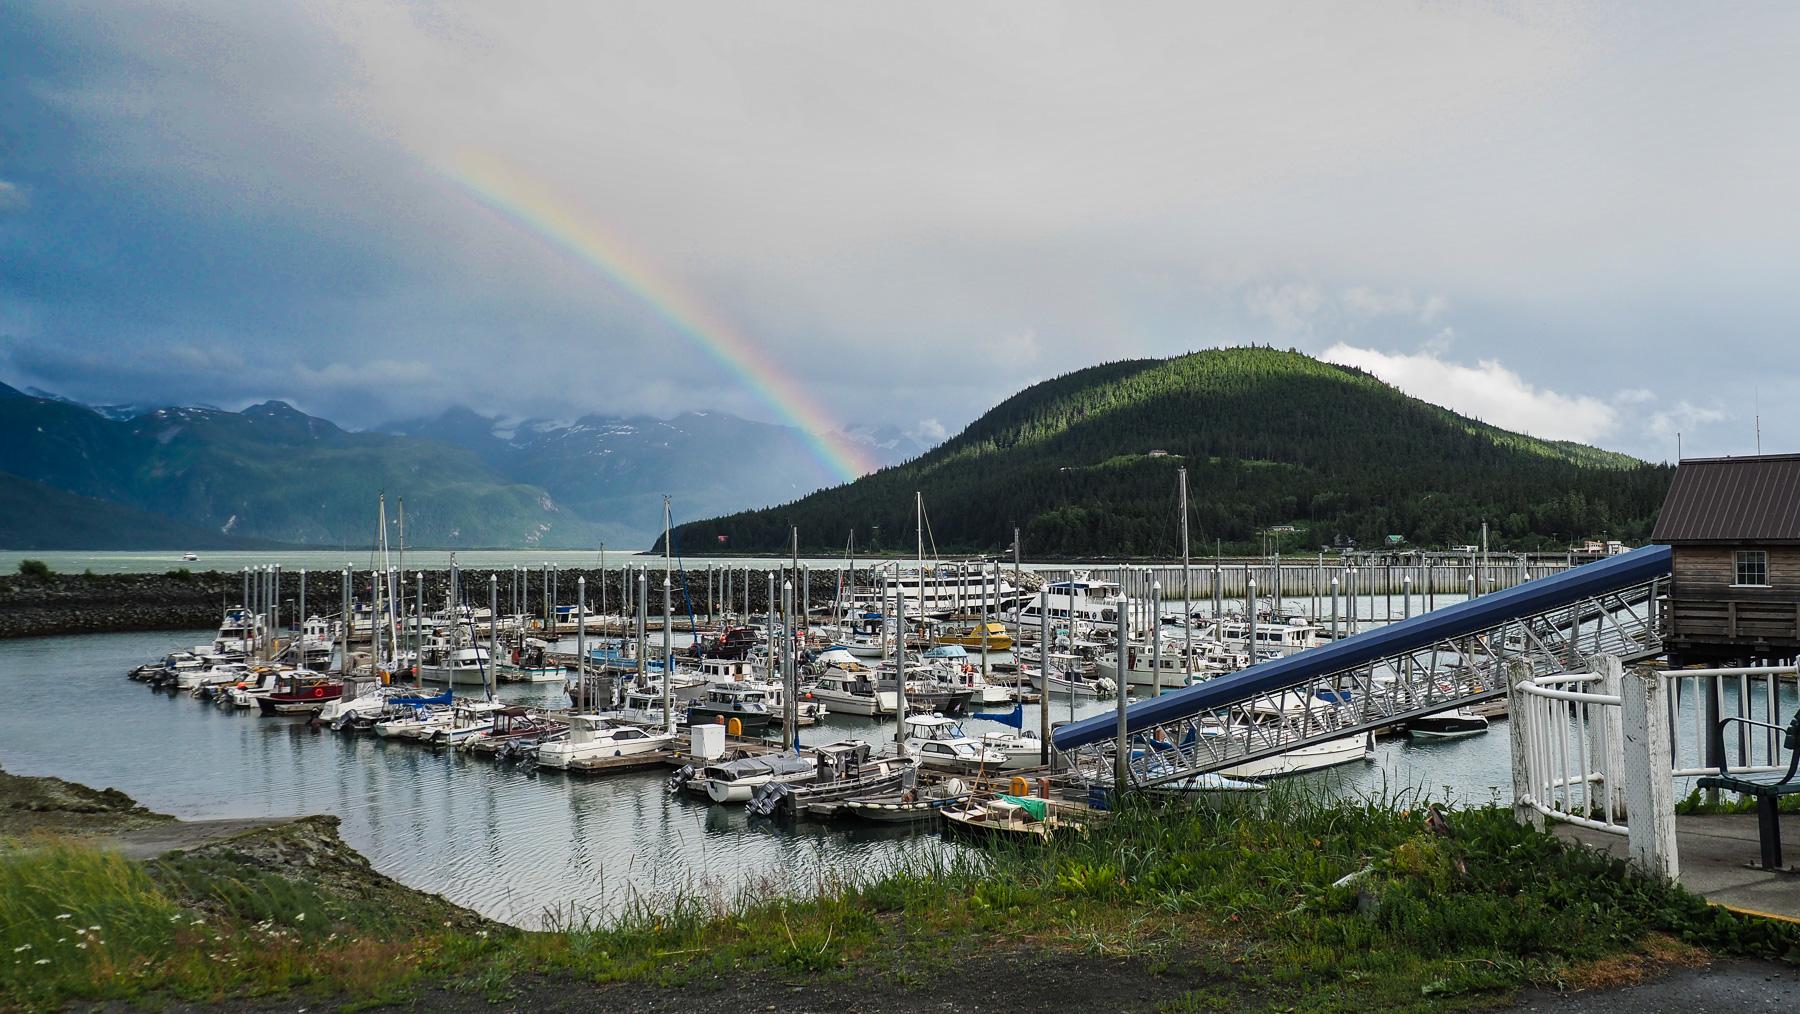 Hafen von Haines - wieder in Alaska